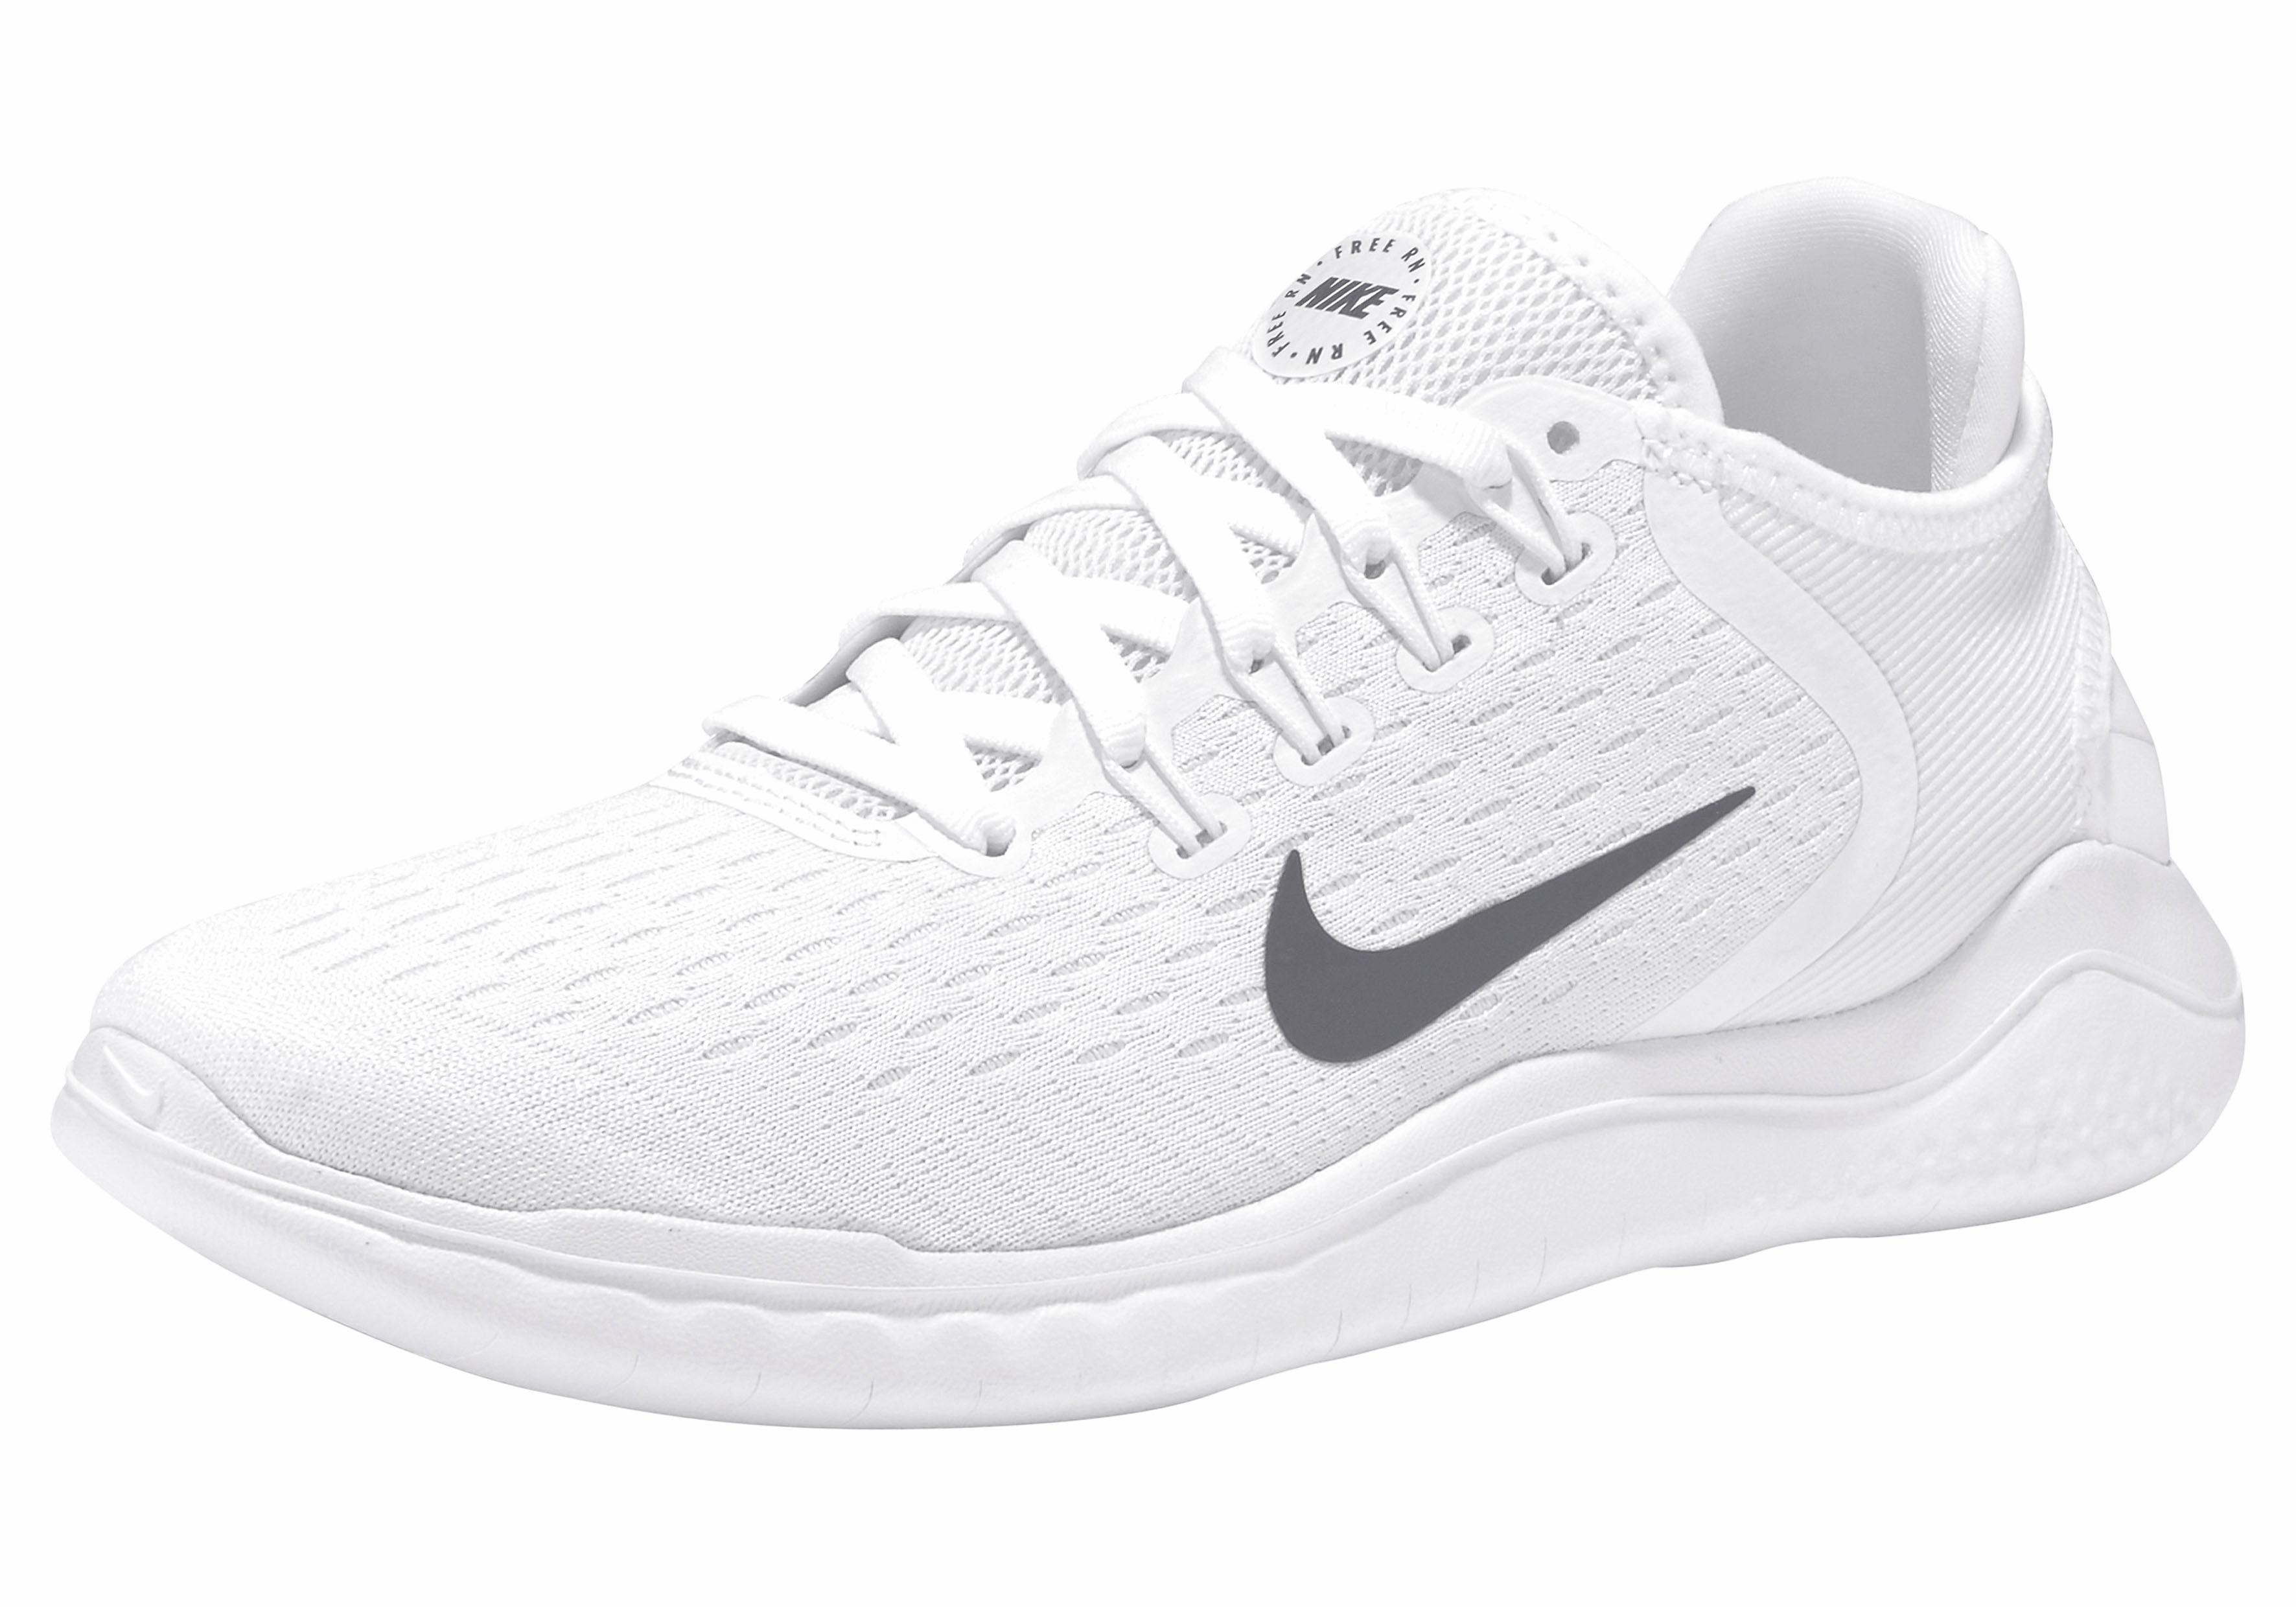 Nike »Wmns Free Run 2018« Laufschuh, Leichter Laufschuh von Nike online  kaufen | OTTO